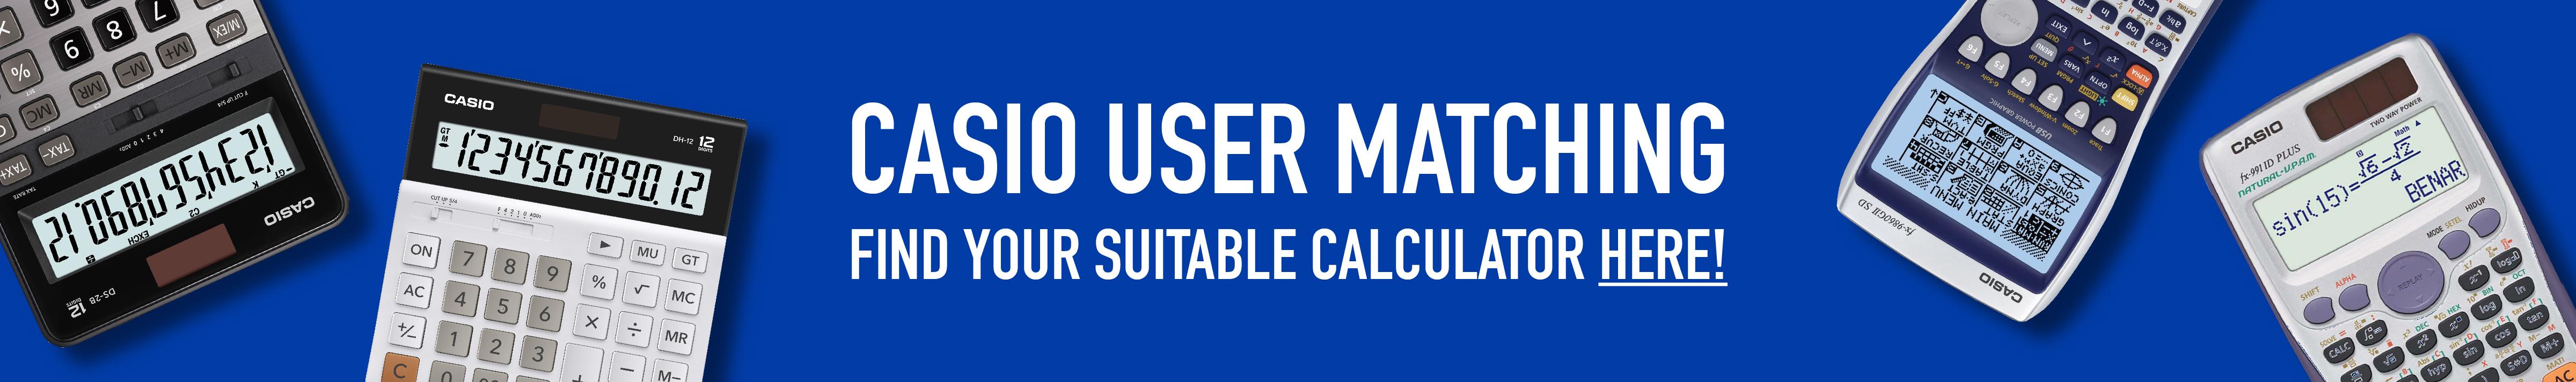 Sahabat Utama Traco Casio Colorful Calculator Sl 310uc Orange Kalkulator Portable Yang Nyaman Dibawa Saat Bepergian Karena Bentuknya Minimalis